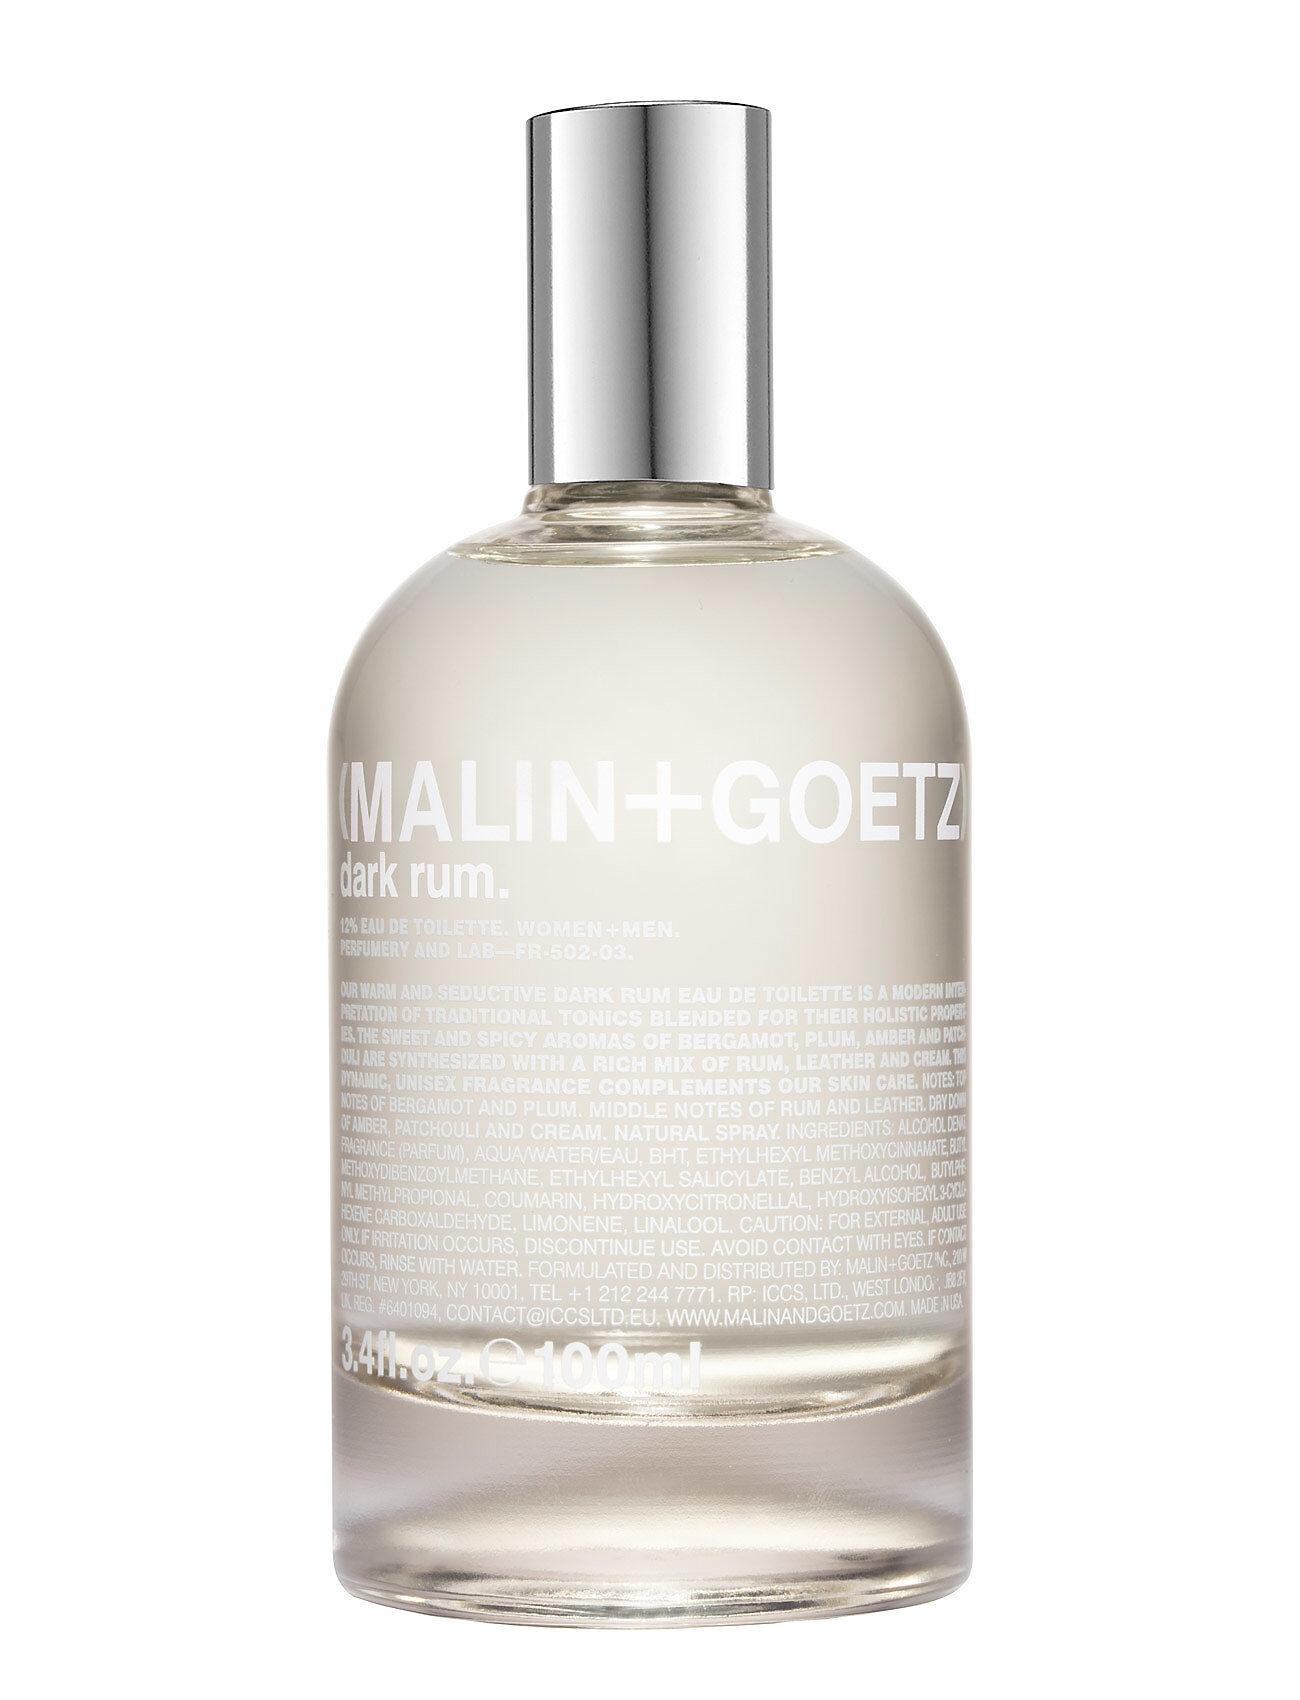 Malin+Goetz Dark Rum Eau De Toilette